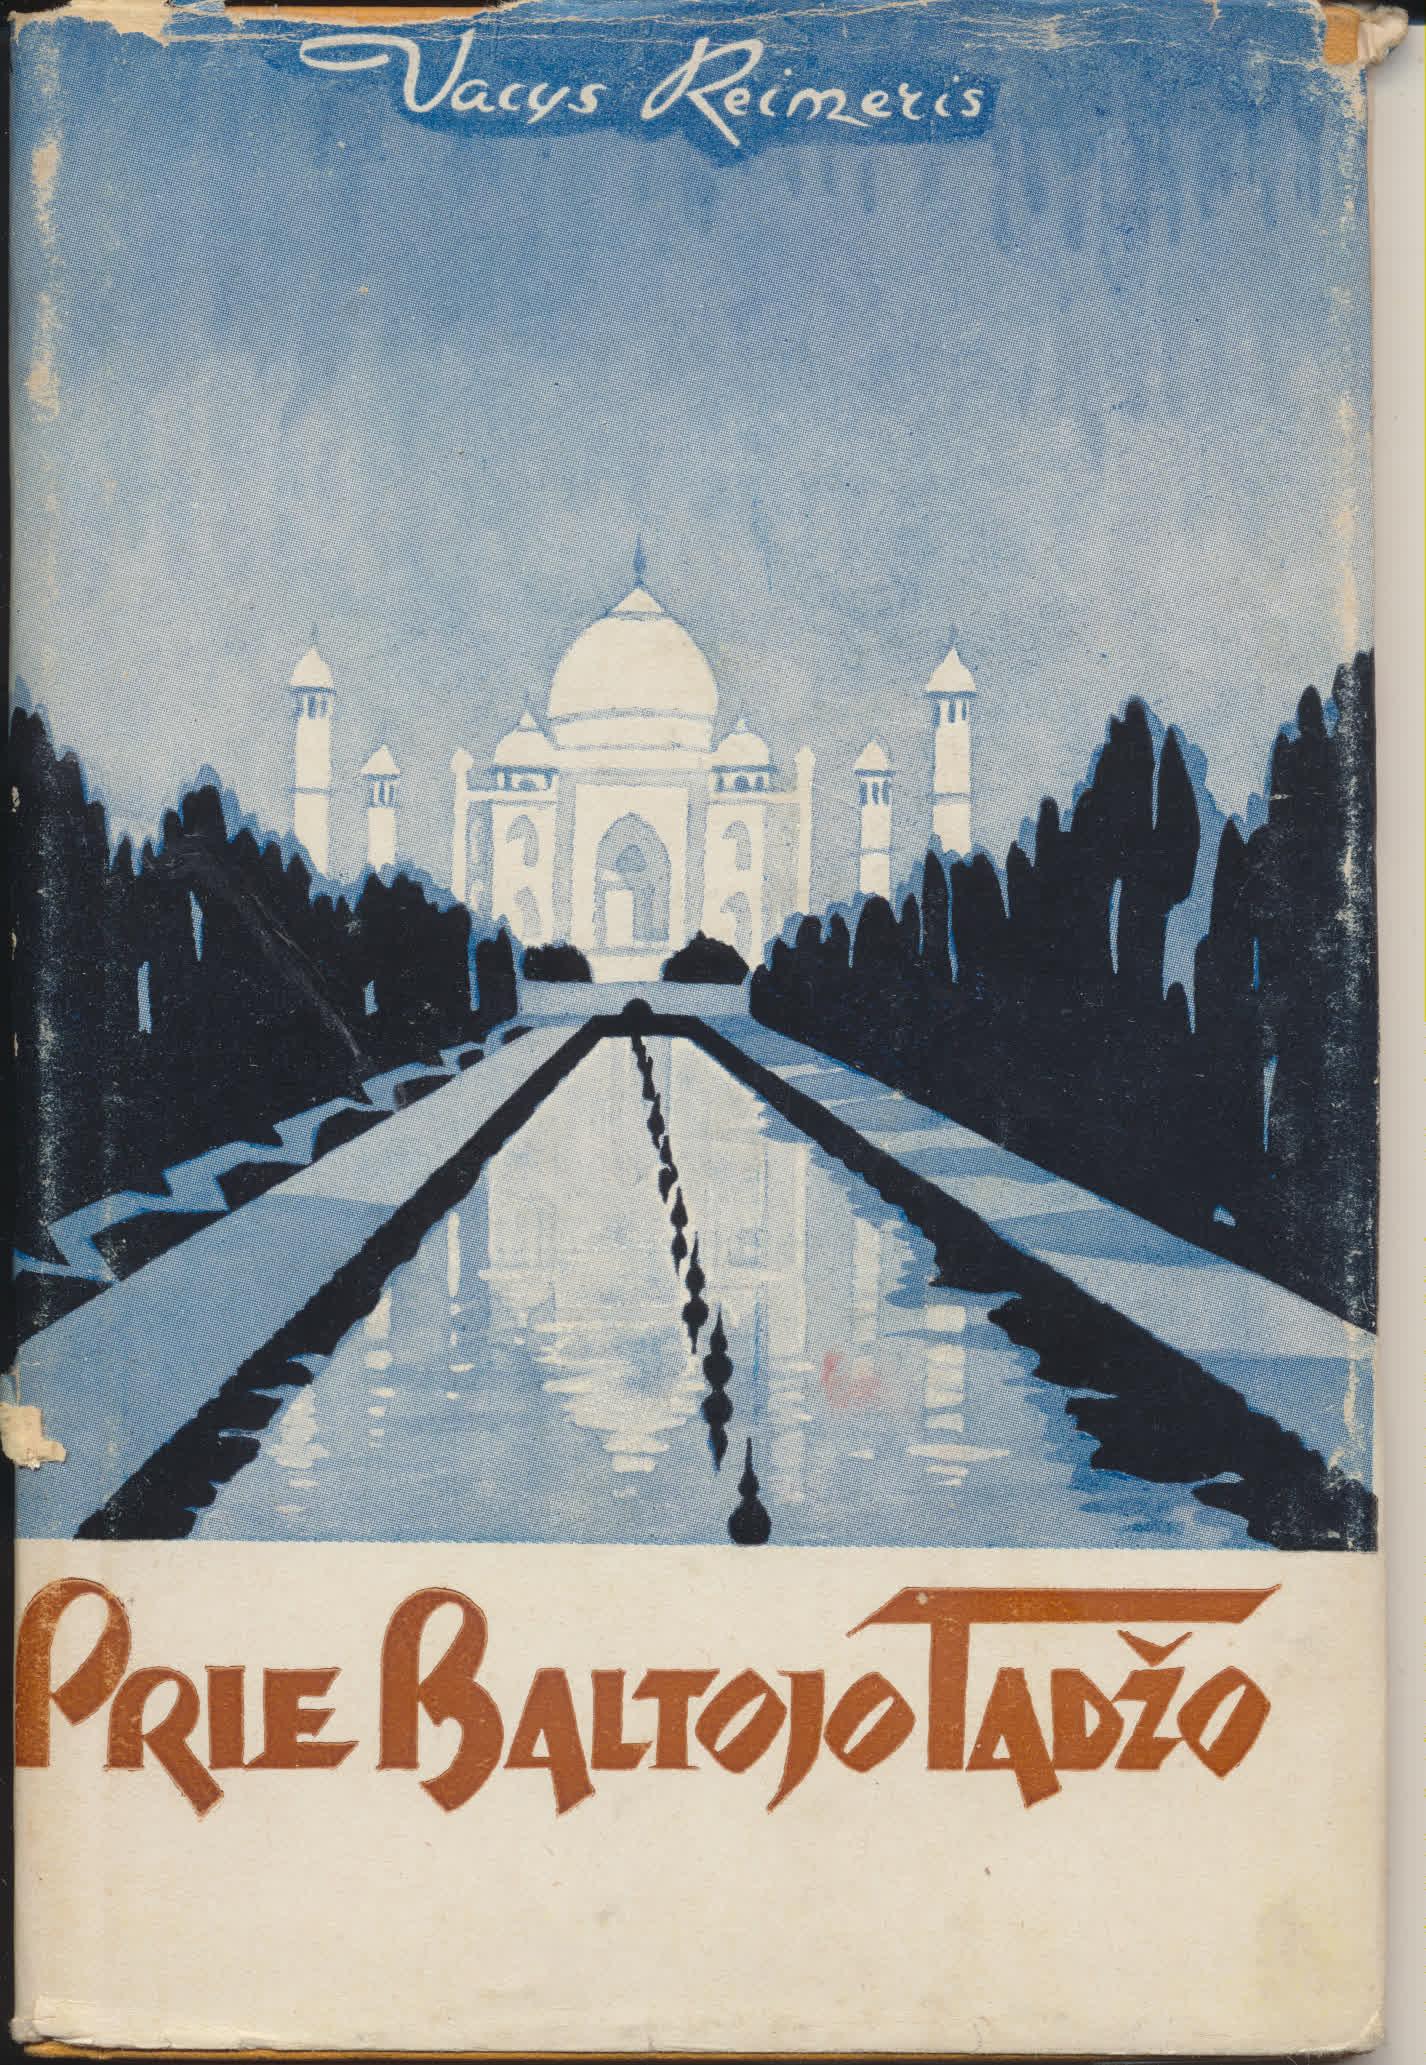 """Viešnagė Indijoje įkvėpė V. Reimerį išleisti eilėraščių rinkinį """"Prie baltojo Tadžo"""" (1958). Vėliau knyga išversta į rusų kalbą, ji pelnė autoriui prestižinę Dž. Neru (pirmasis nepriklausomos Indijos ministras pirmininkas) premiją"""